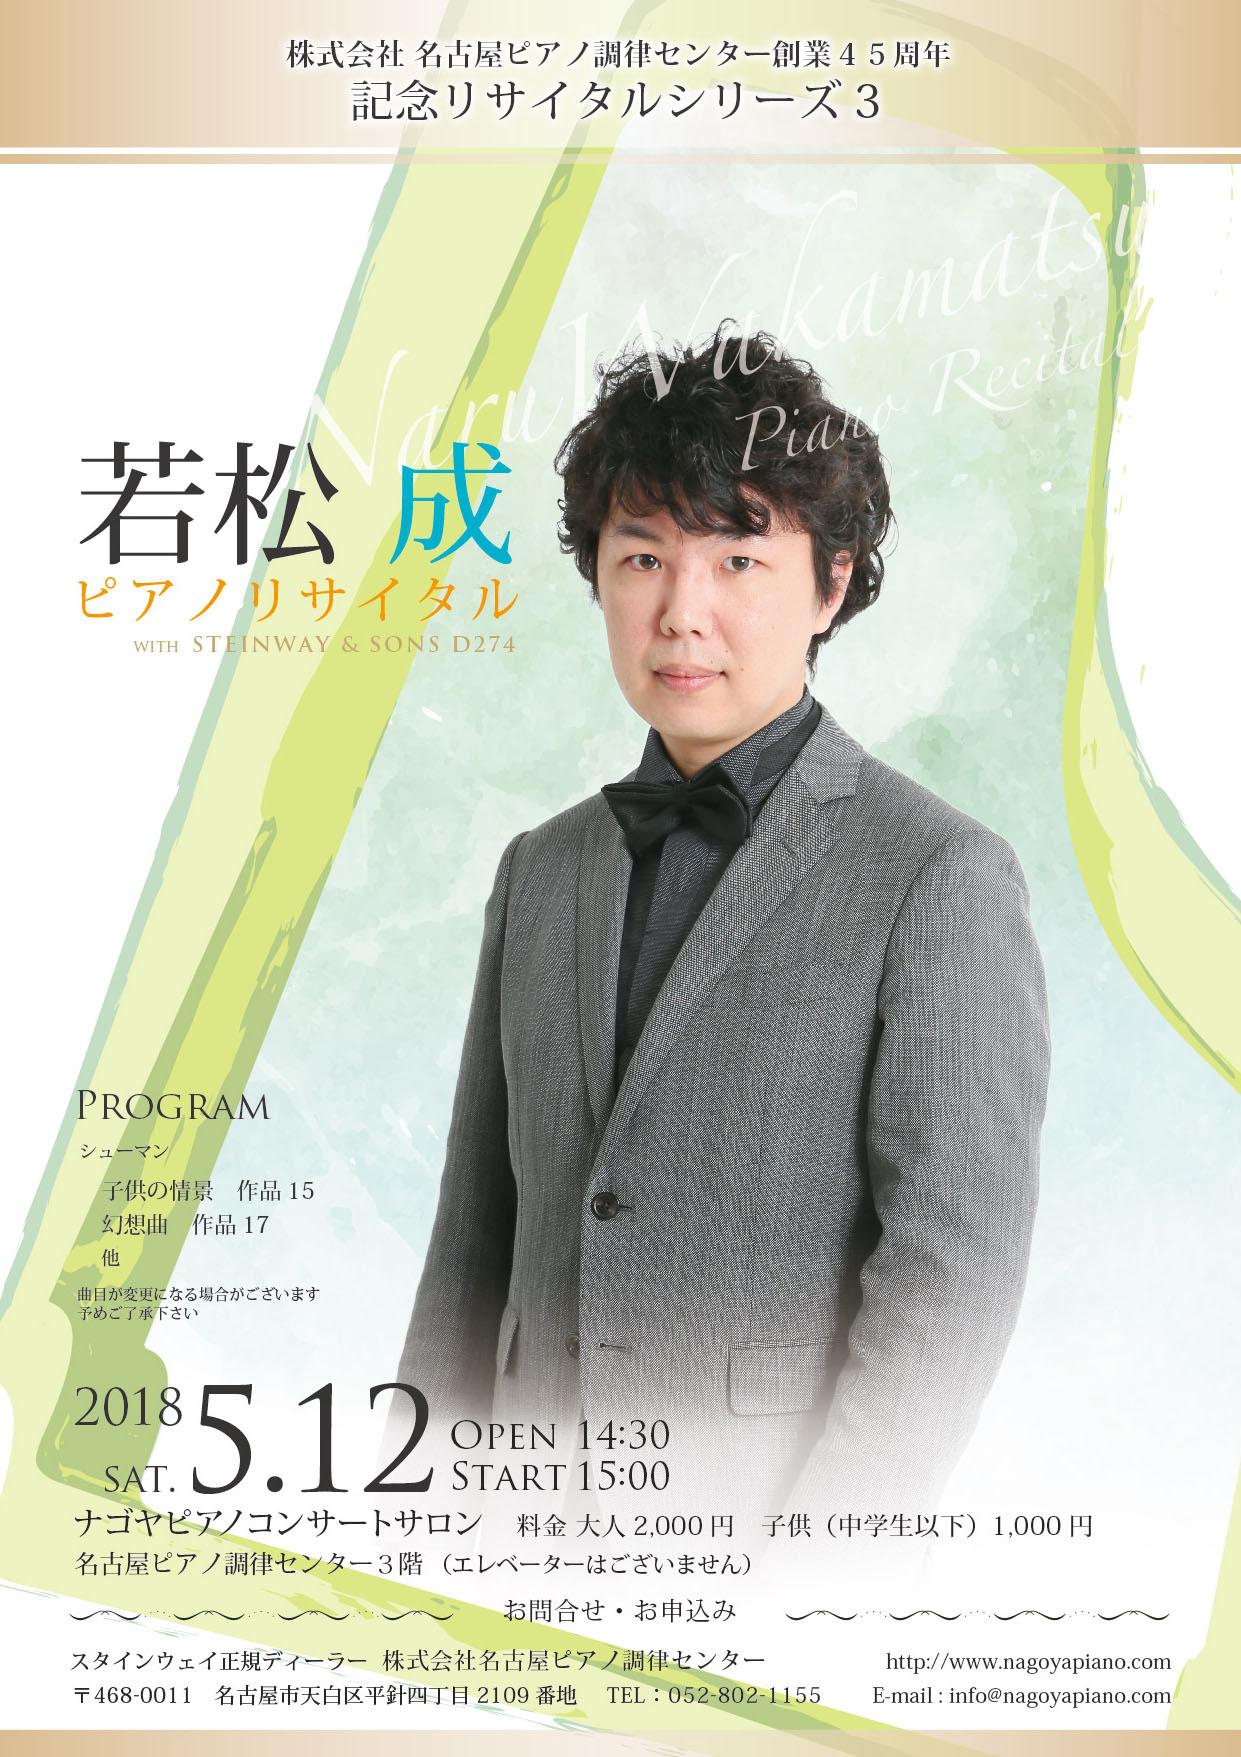 wakamatsu_c1_omote.jpg